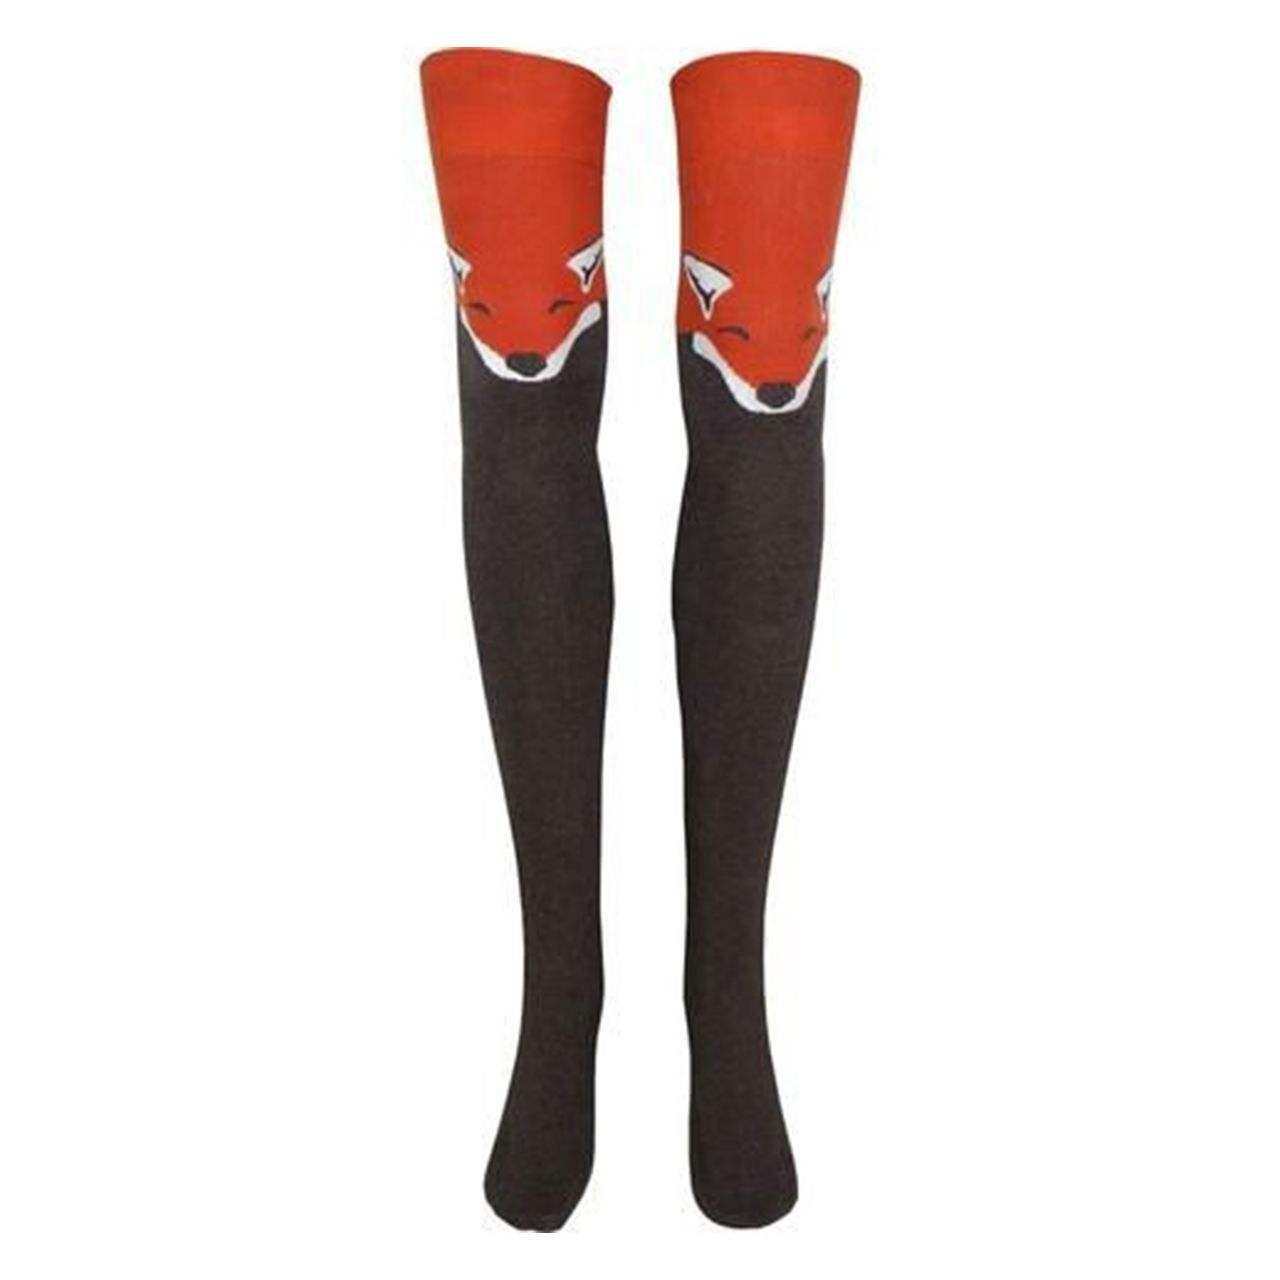 جوراب زنانه طرح روباه کد 020 -  - 2